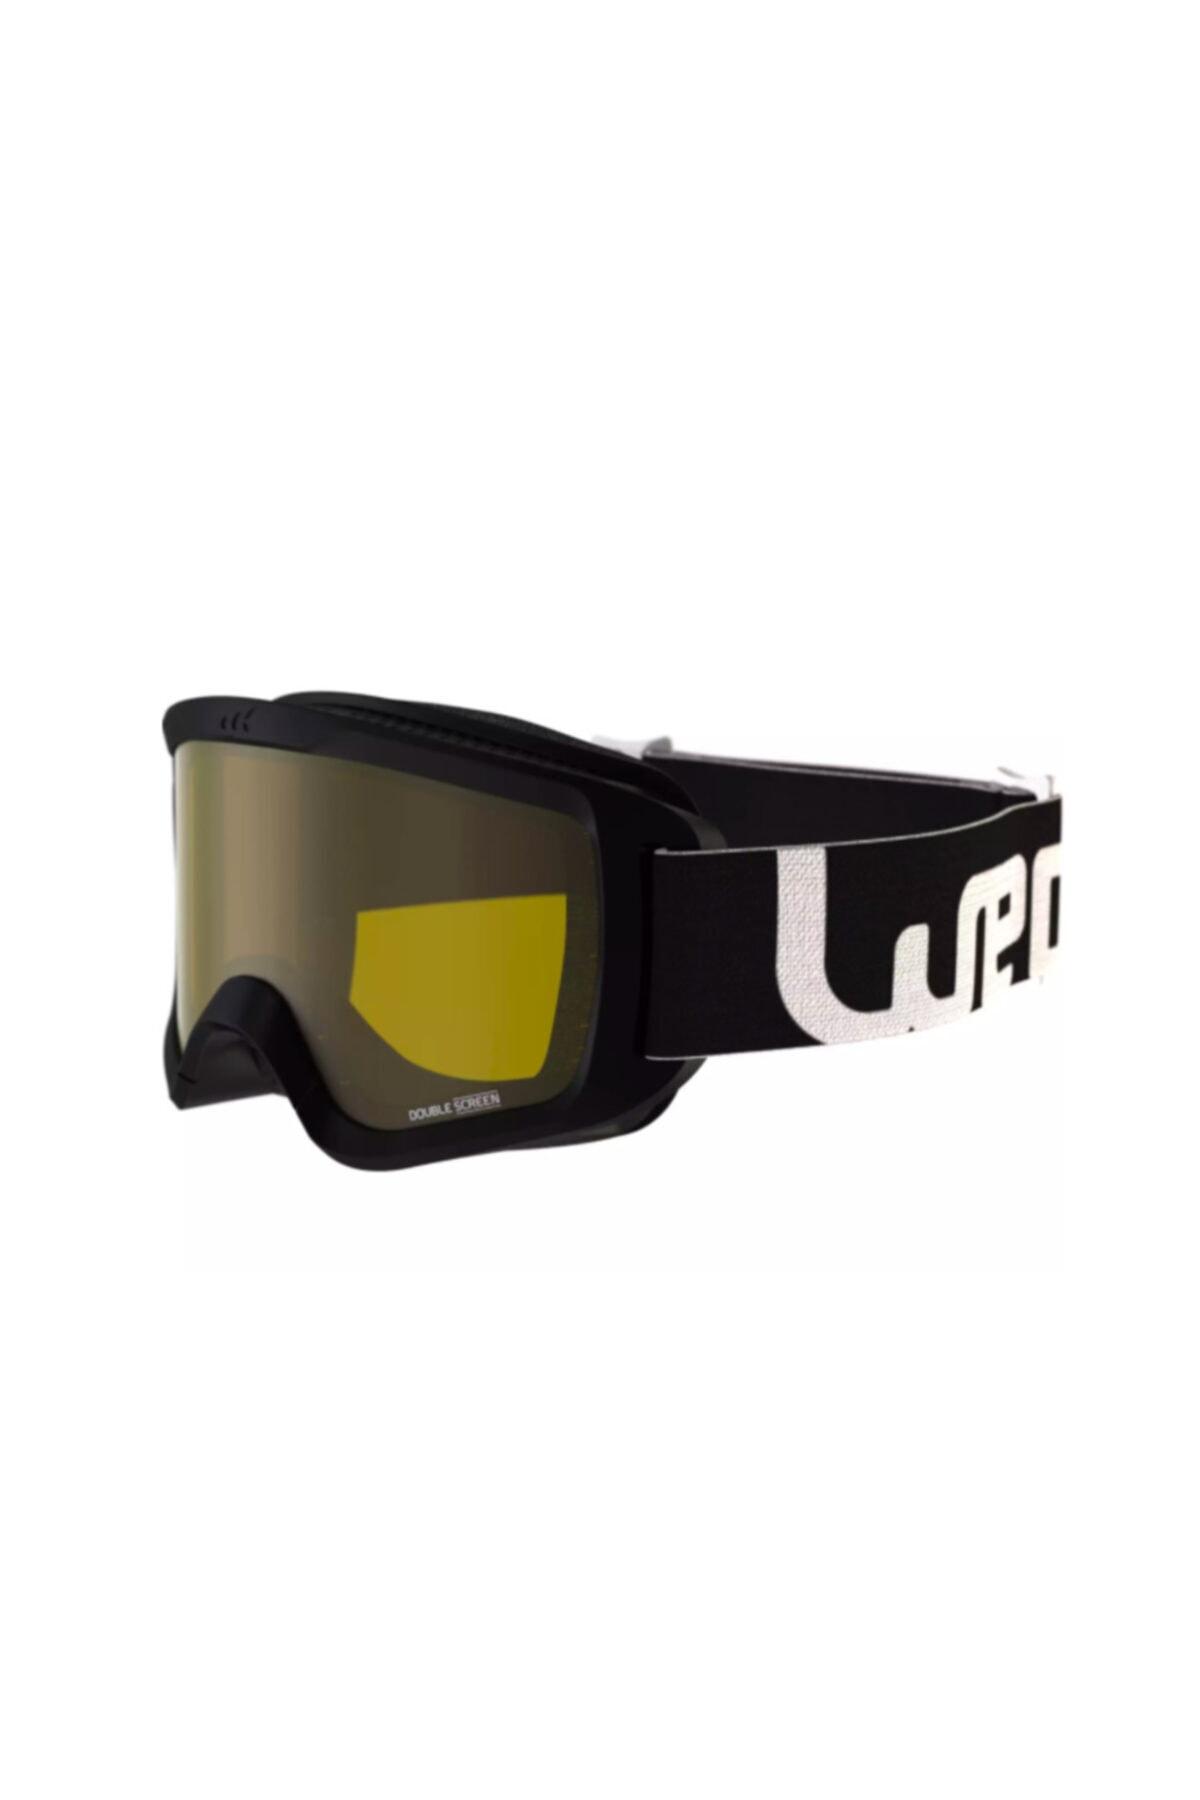 WEDZE Kayak / Snowboard Gözlüğü - Çocuk - Siyah - G120 S1 1